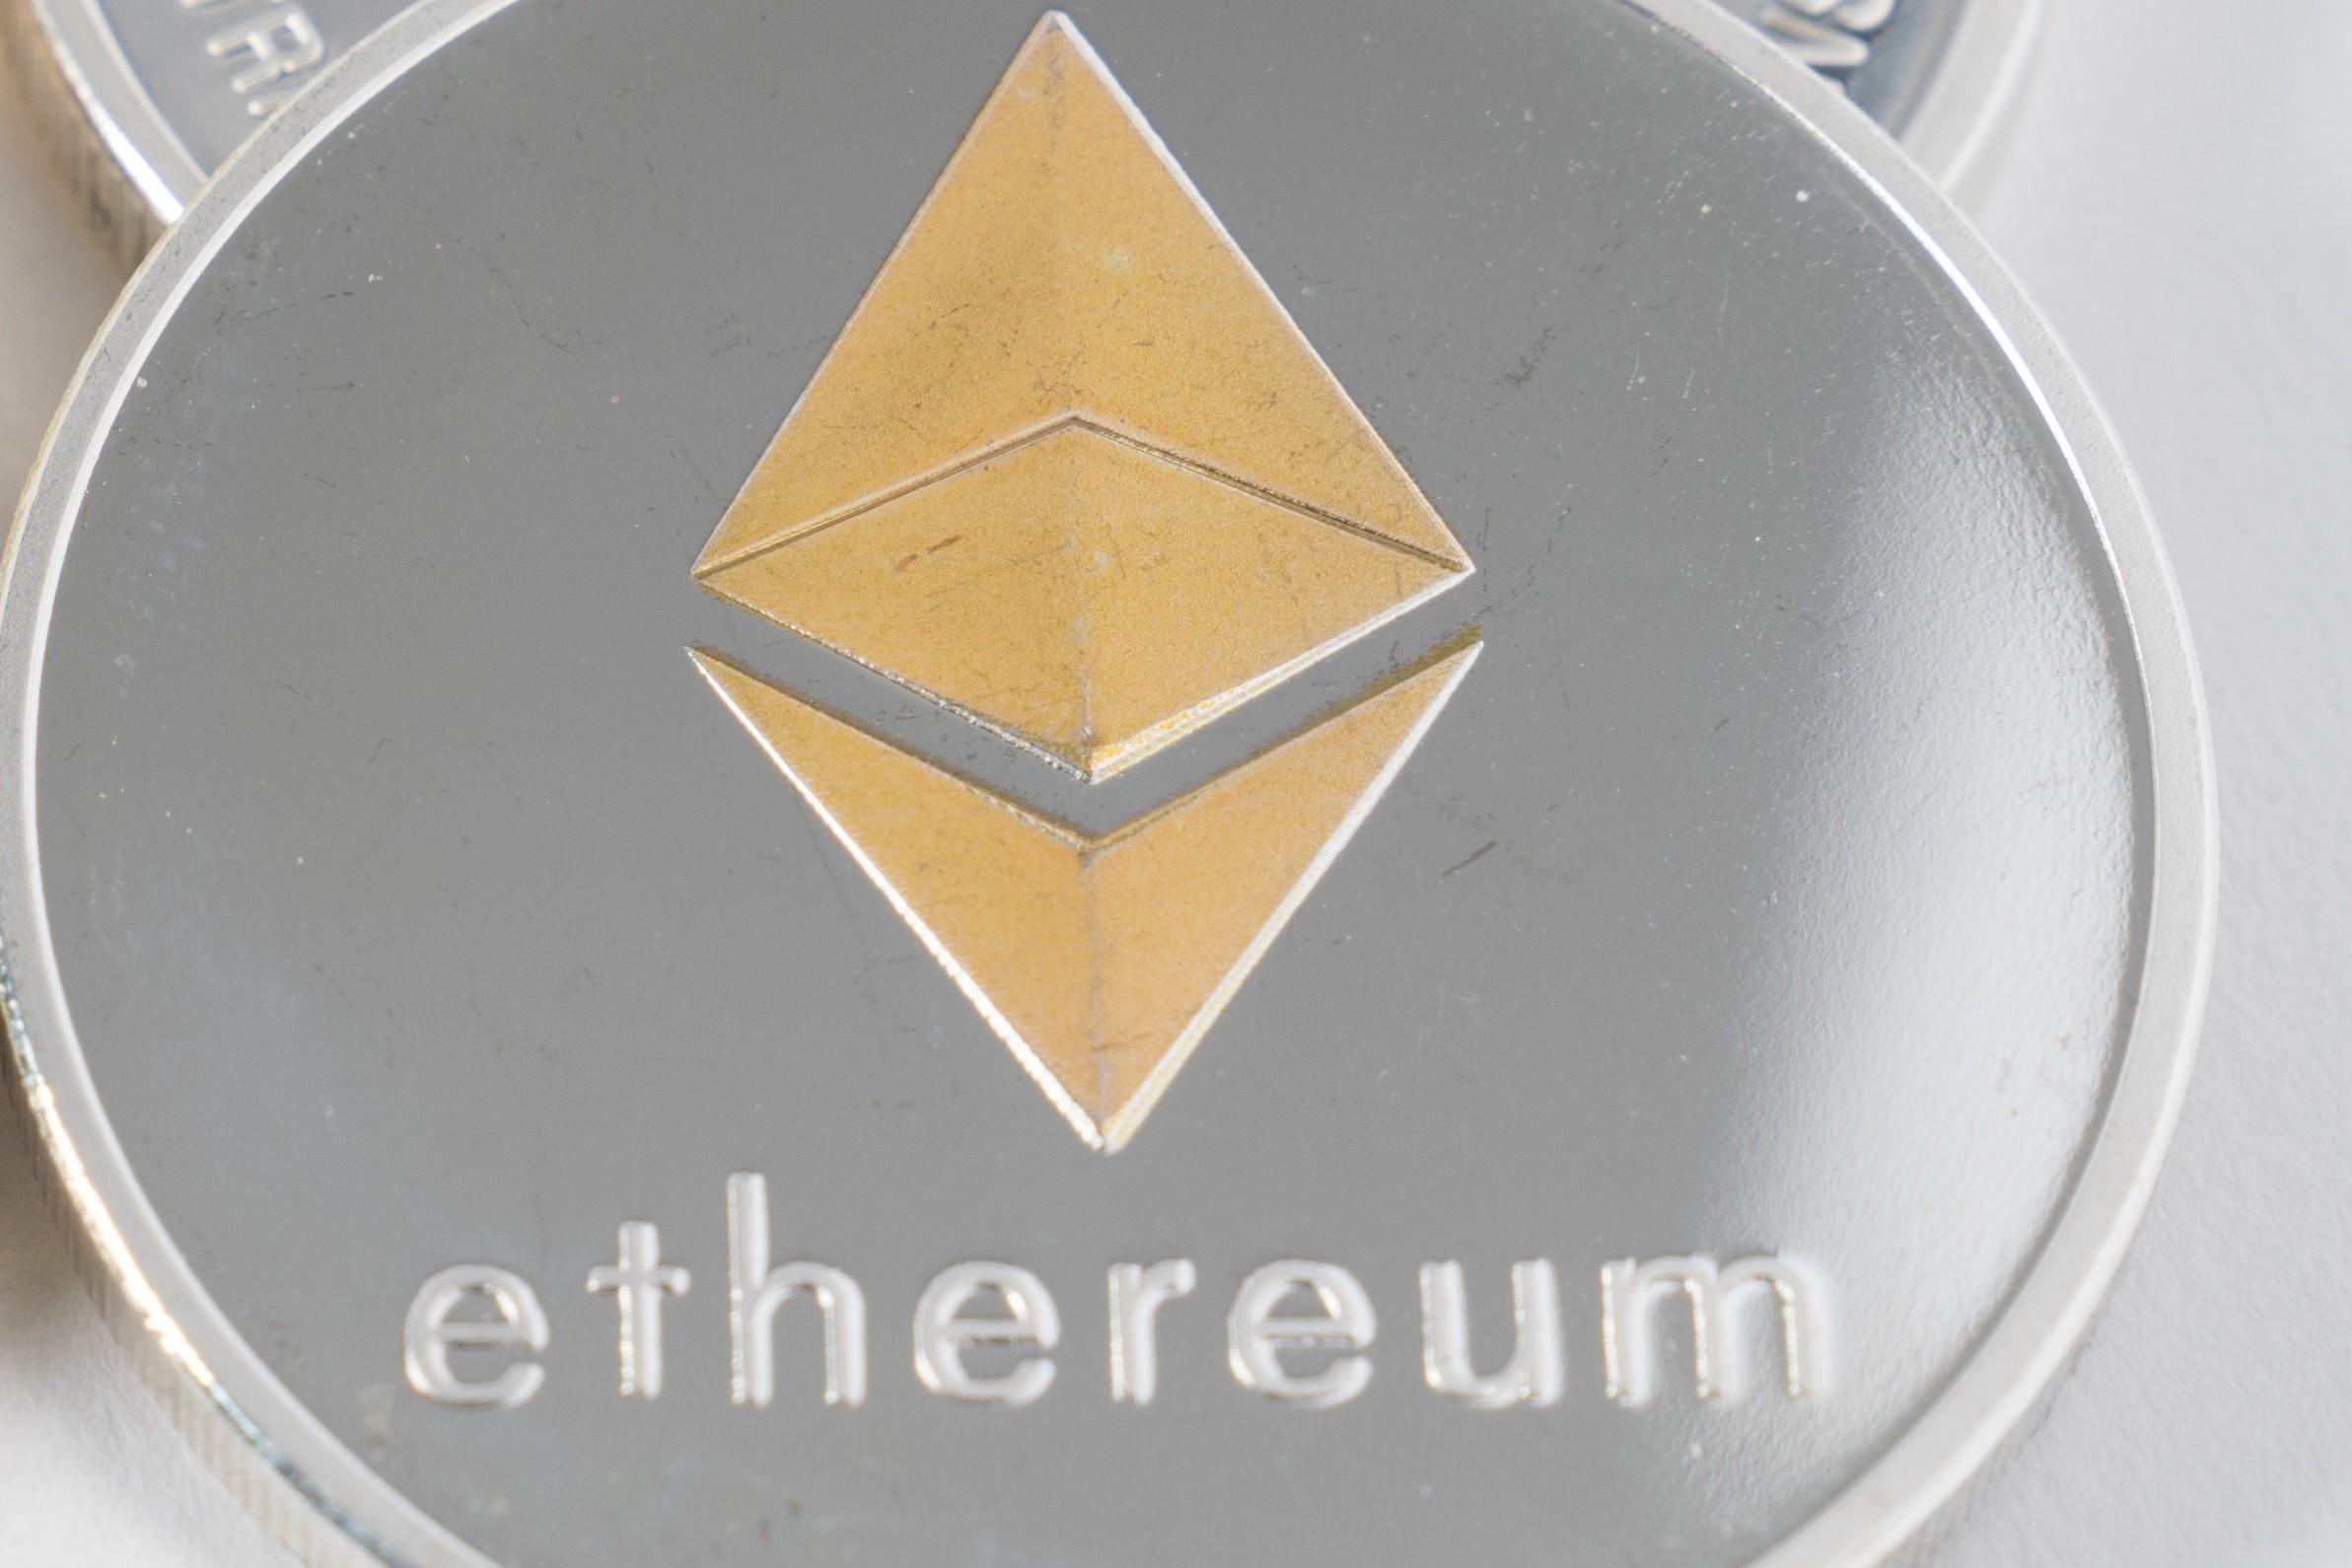 Nummer 2: Ether, de cryptocurrency van Ethereum